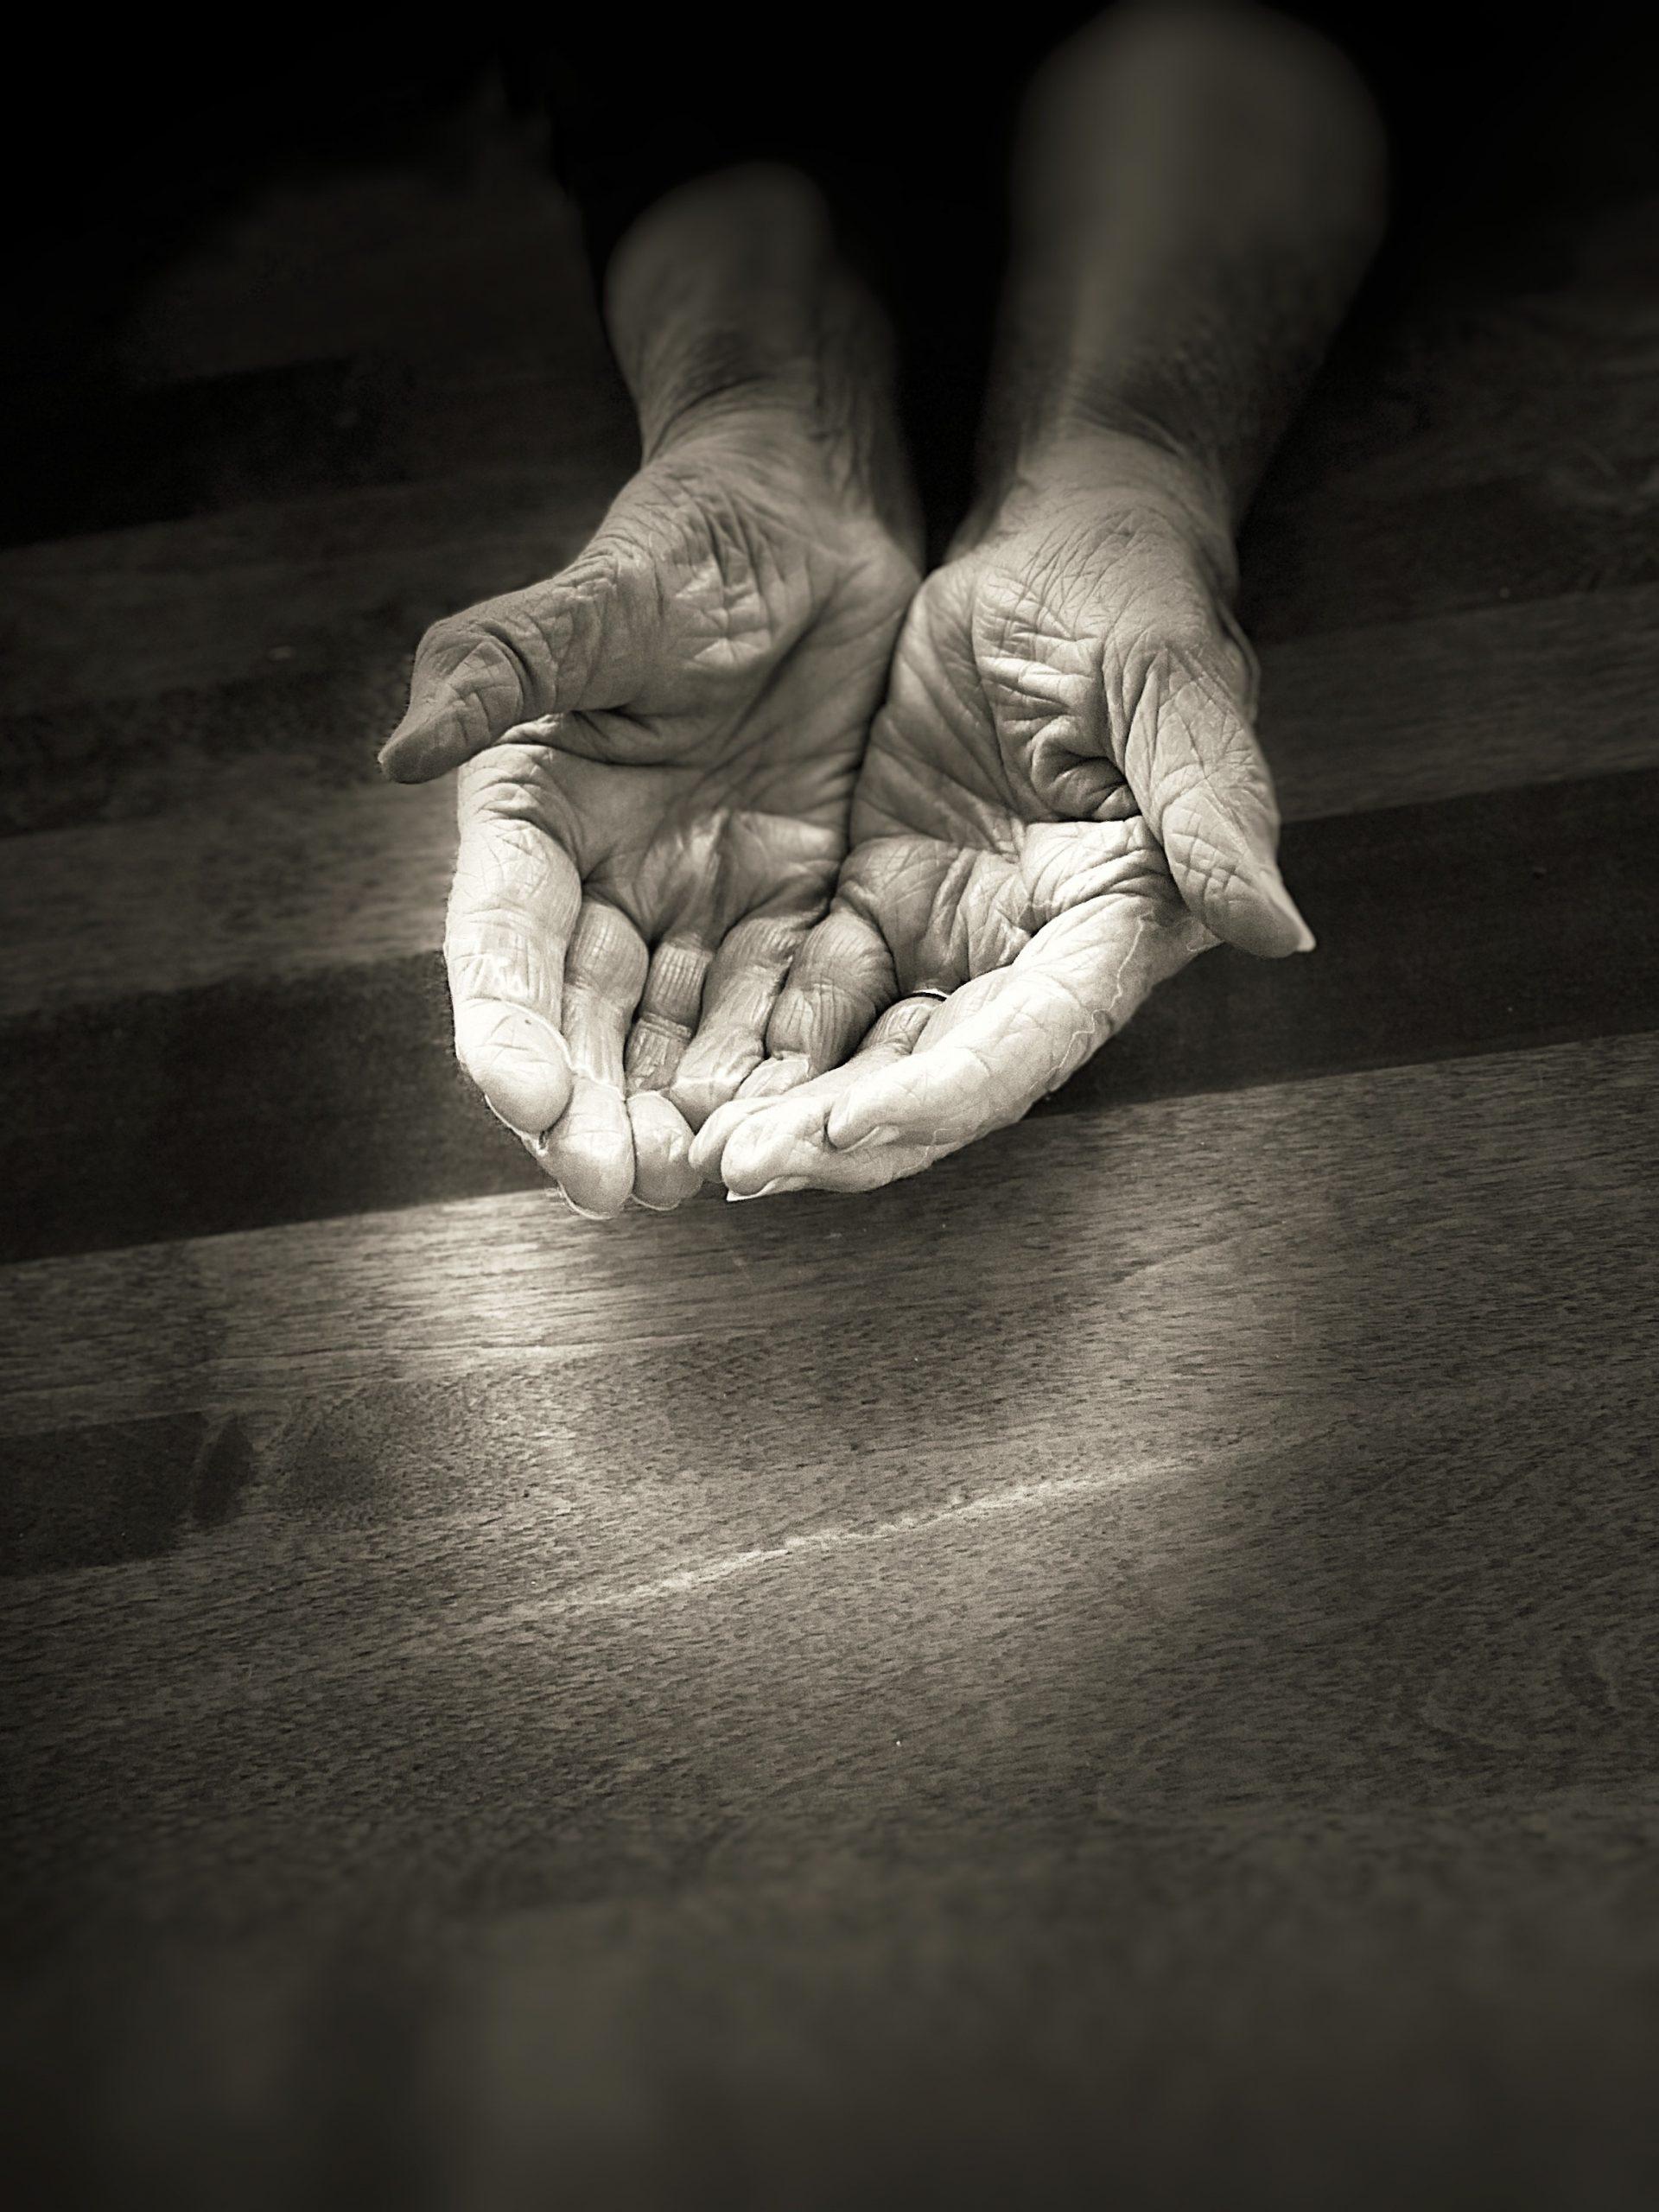 Wearing skin, open hands